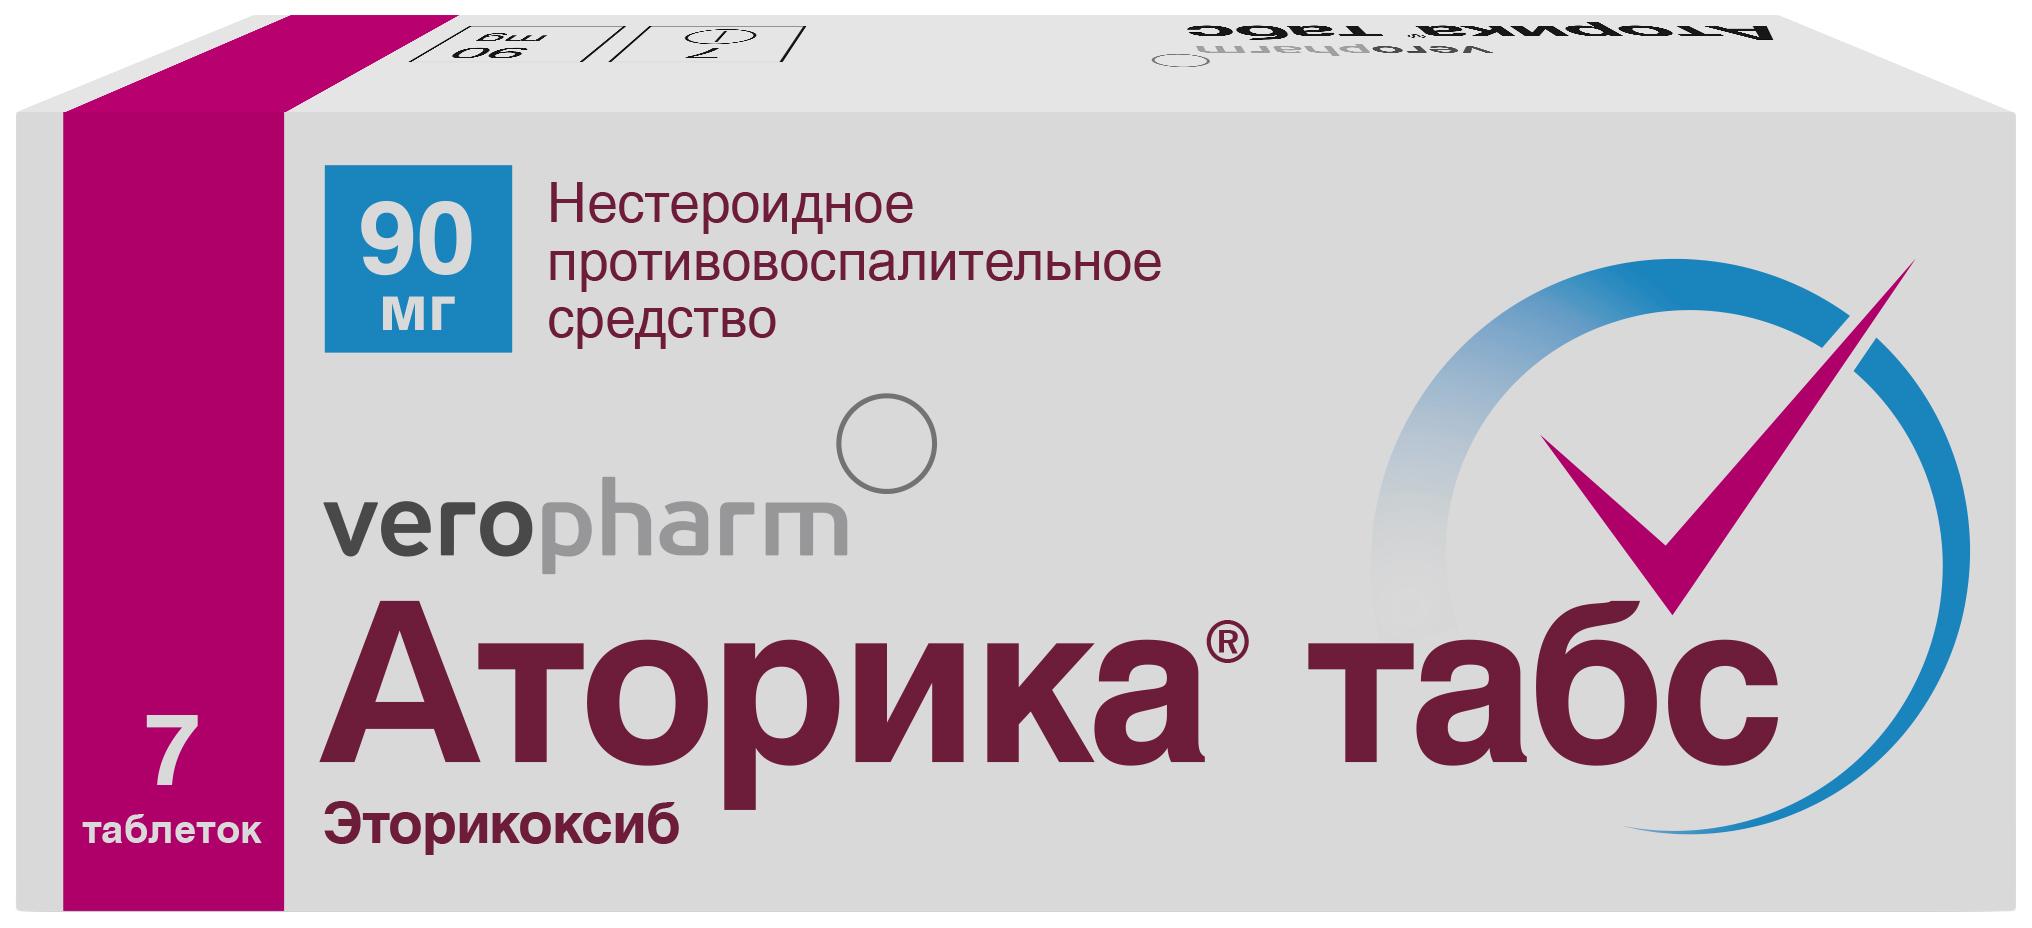 Аторика табс 90 мг таблетки покрытые пленочной